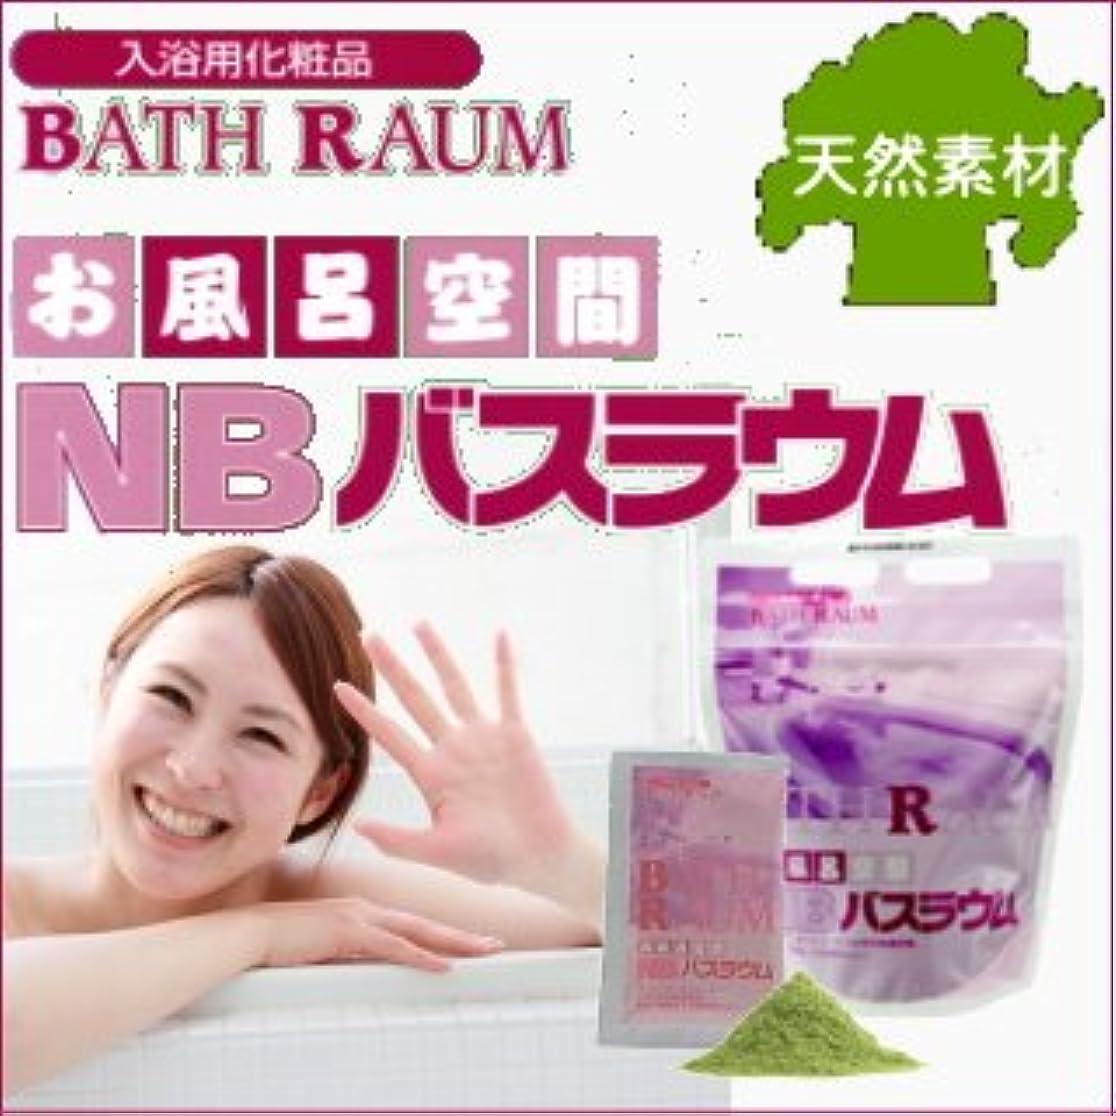 解放する調整有用入浴用化粧品バスラウム 徳用1袋 約1ヶ月分(1.5Kg×1袋)